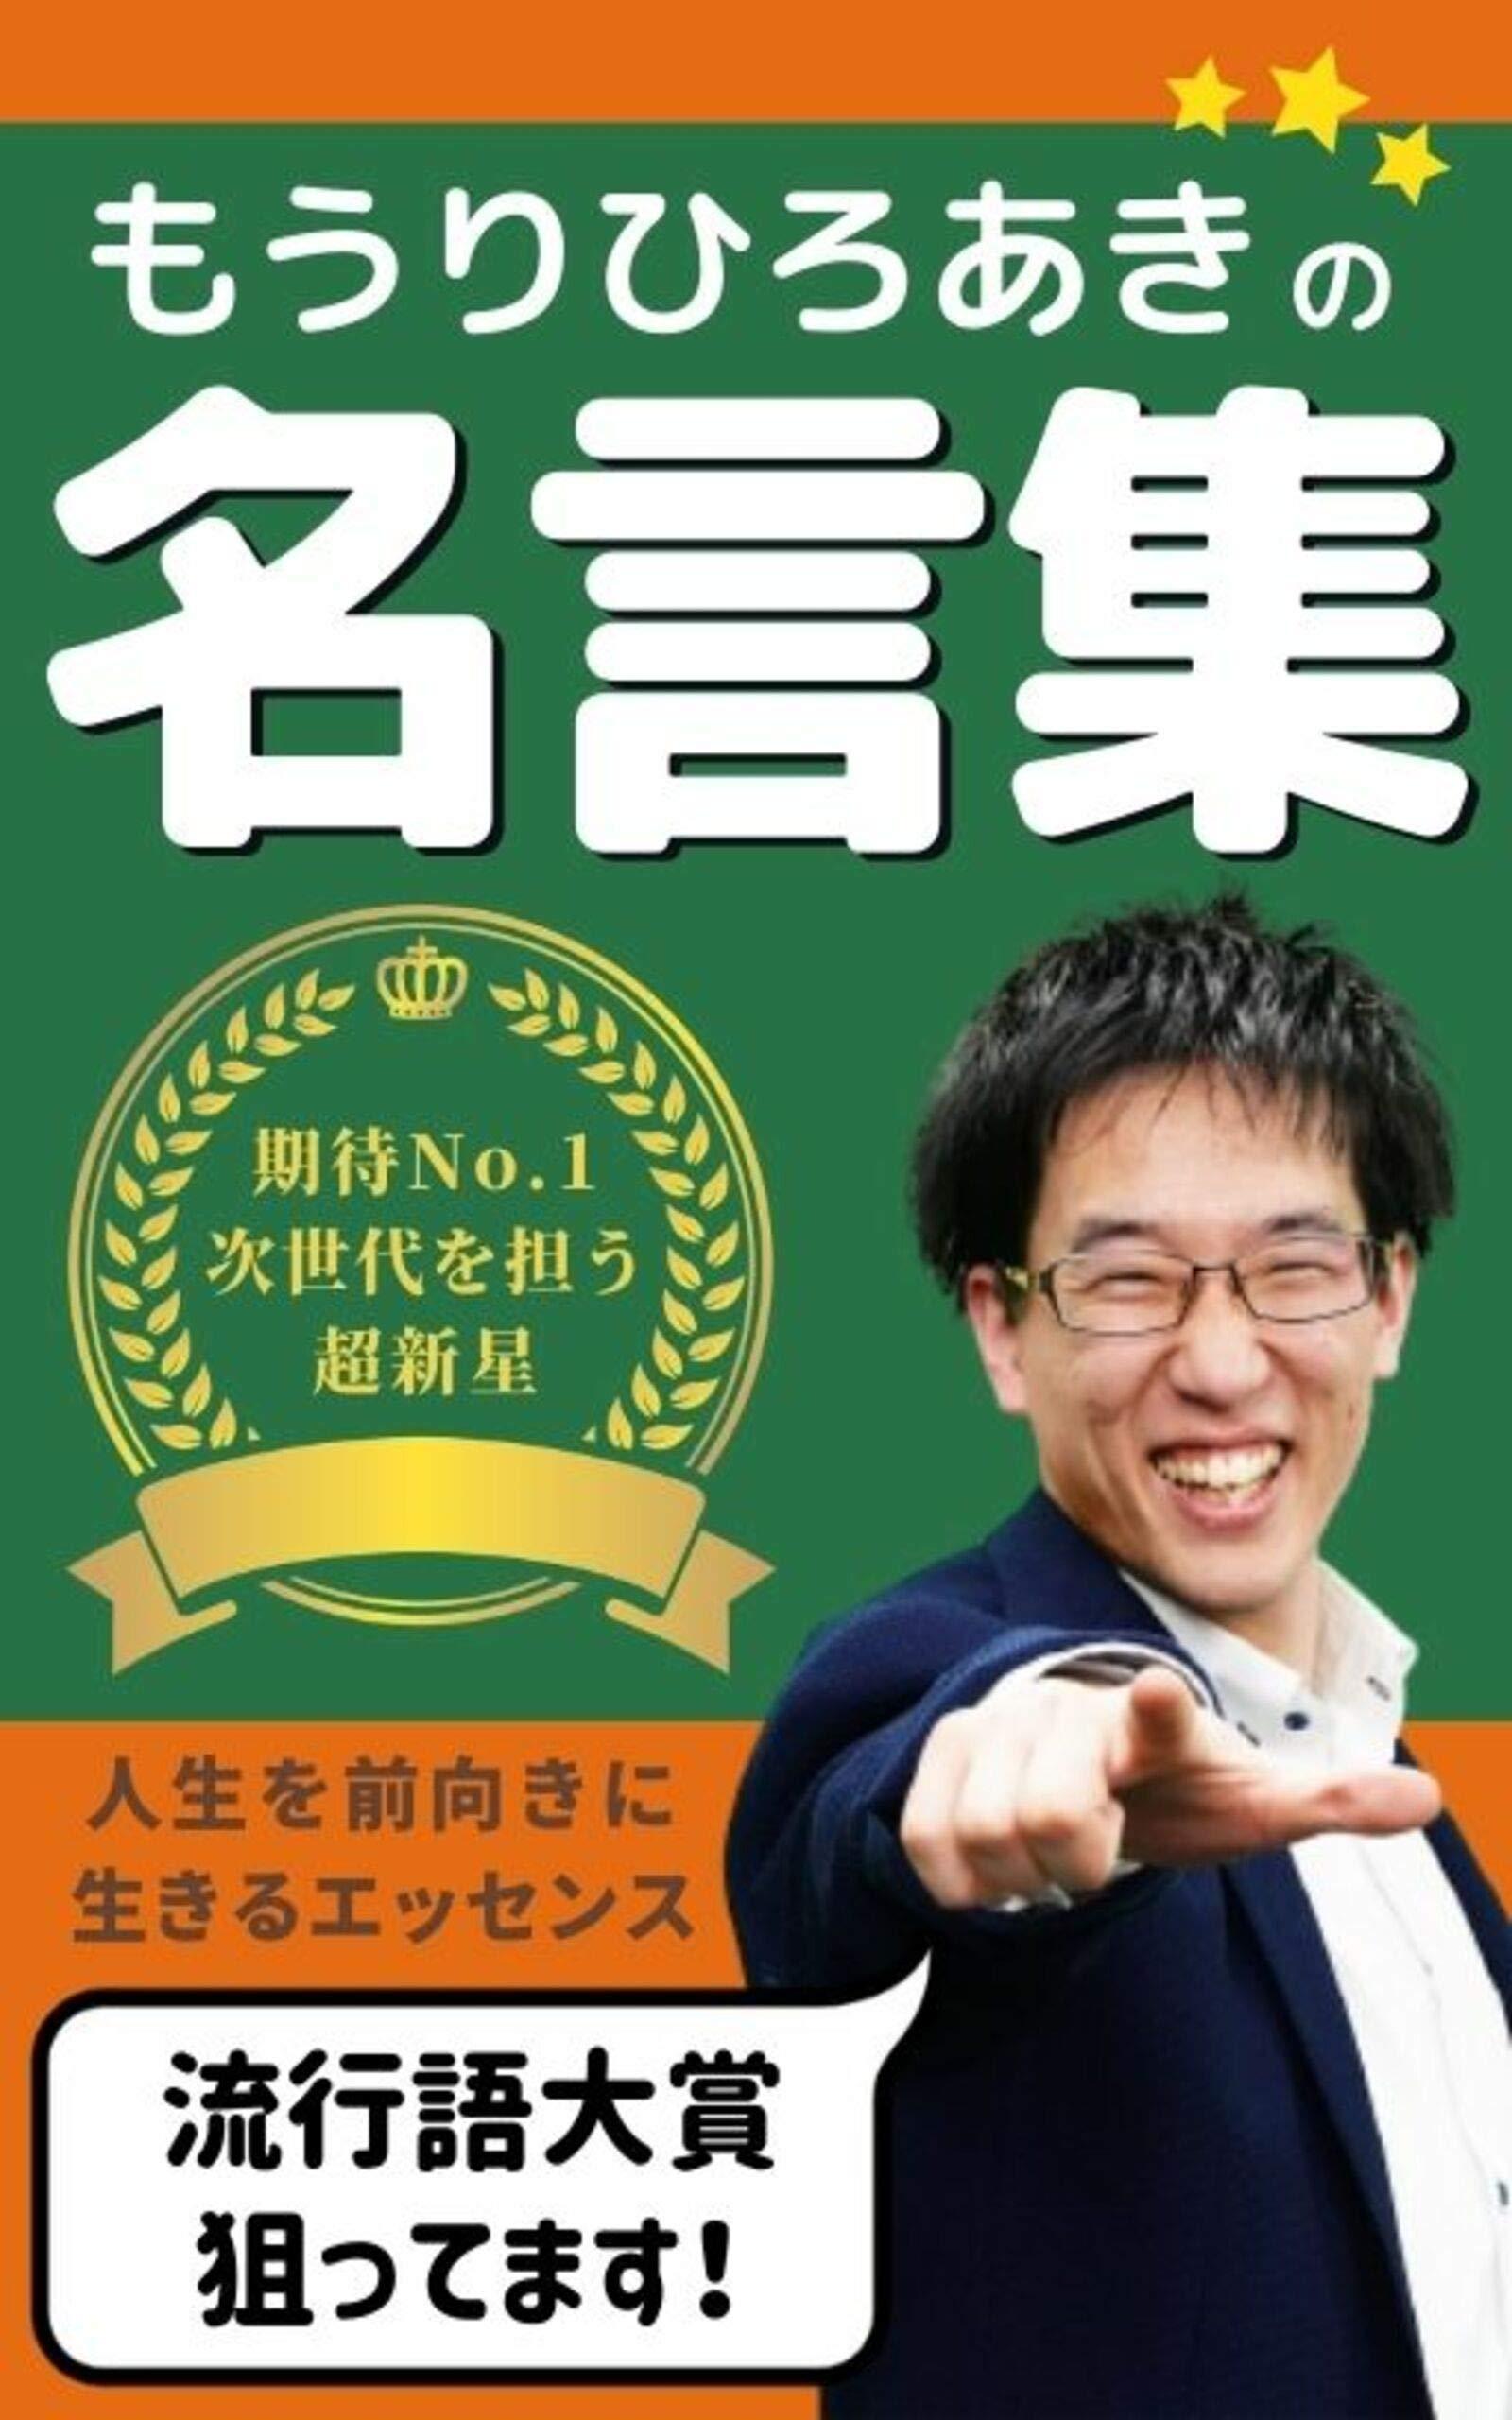 ZISEDAIKITAINOHOSHIMORIHIROAKINOMEIGENSYU: CHOUSENSITAINIZYUDAINOANATAHE (Japanese Edition)